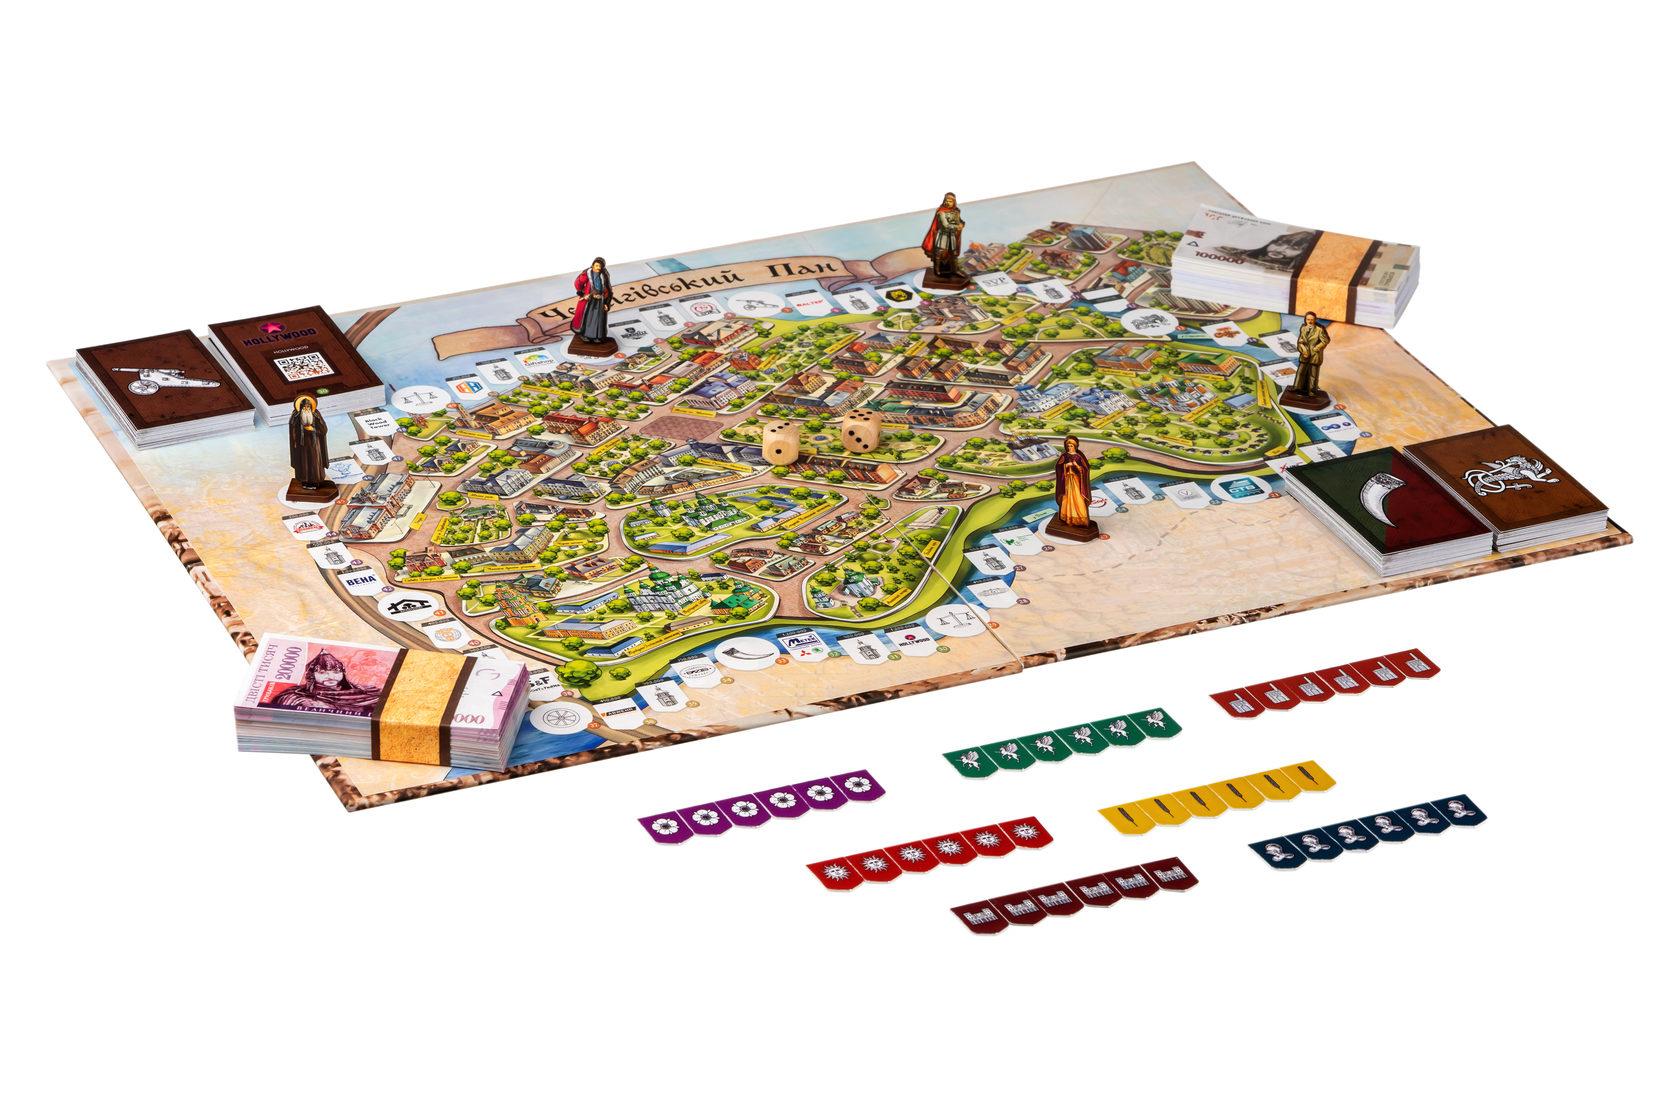 «Чернігівський пан»: історично-економічна гра про наше місто вже у продажу (Фото)